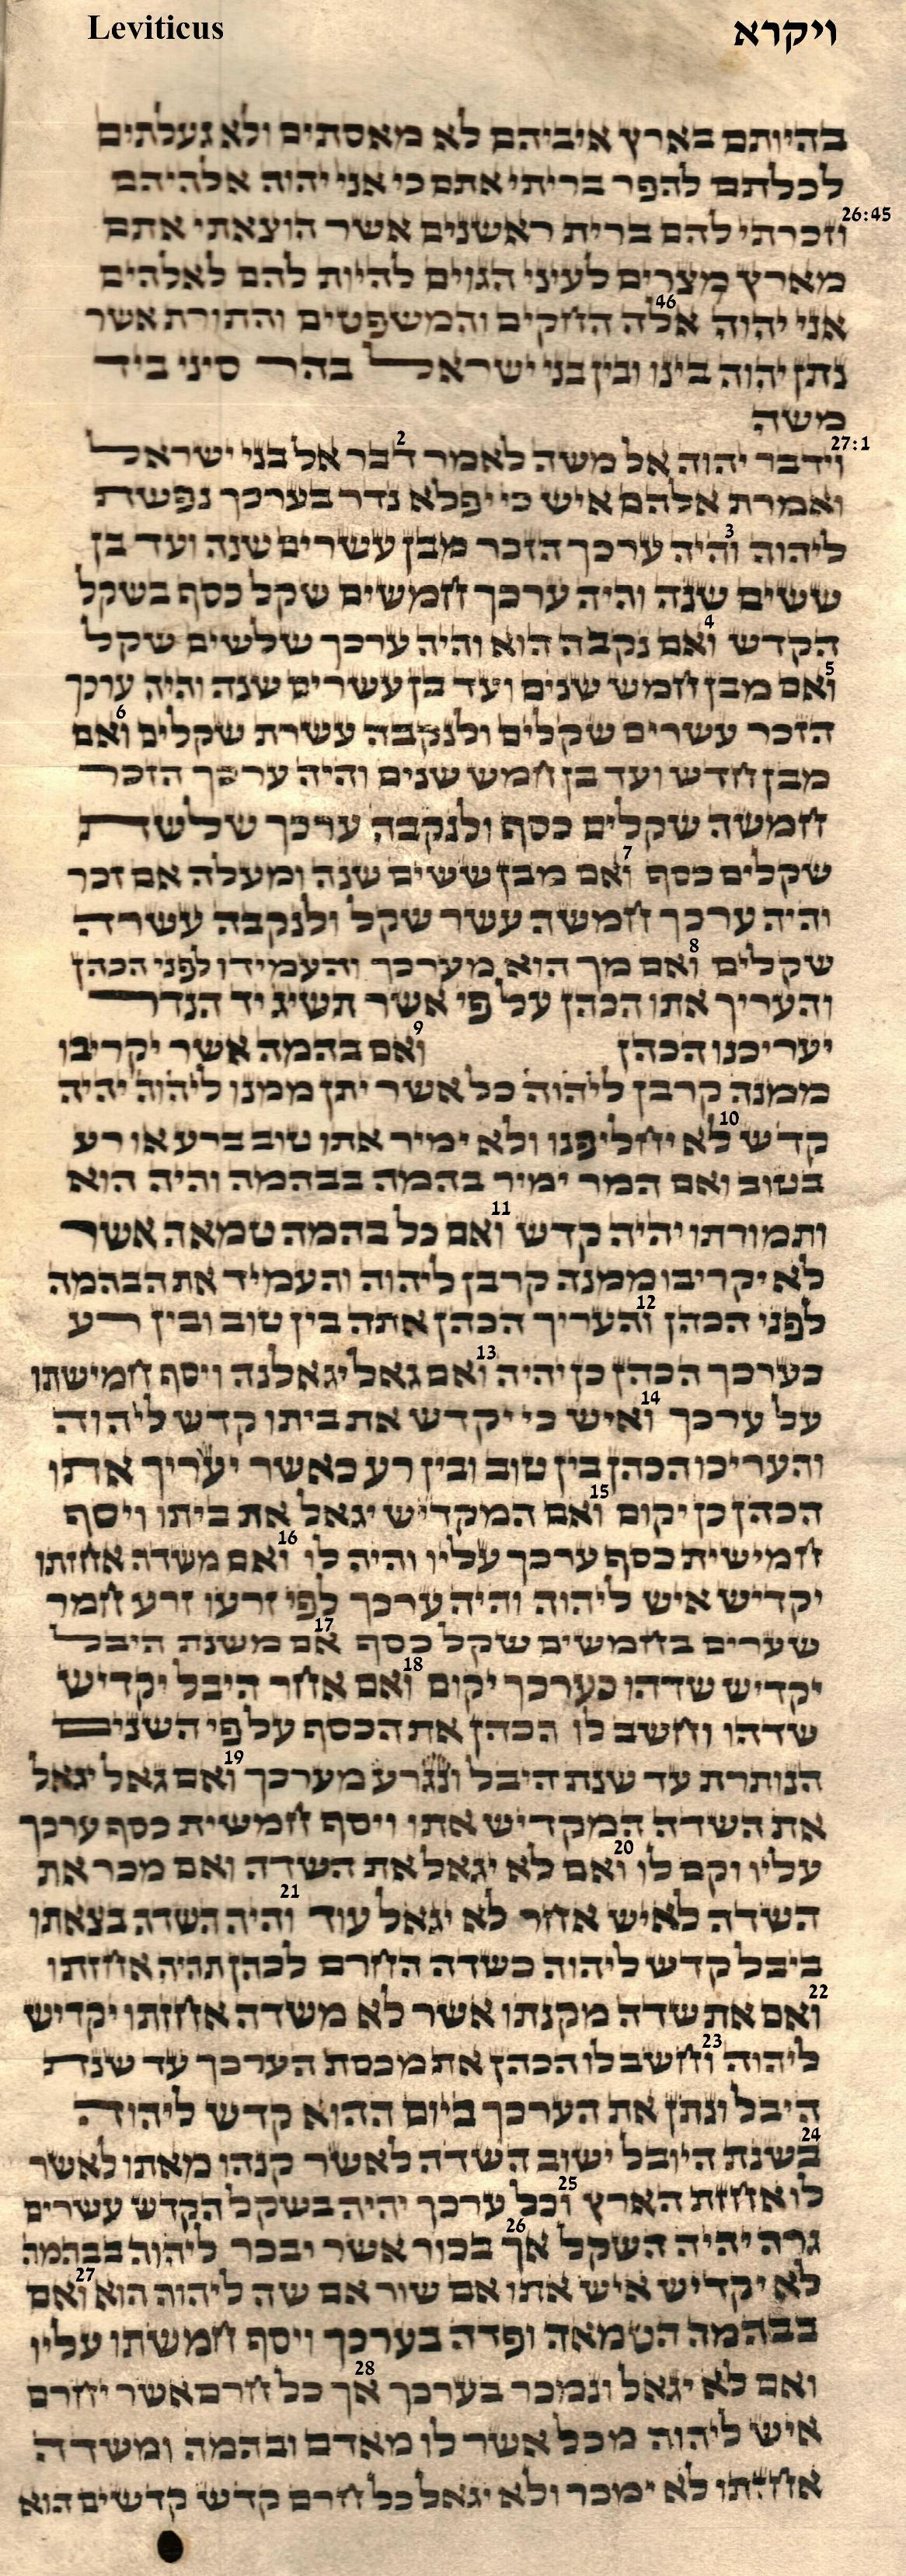 Leviticus 26.45 - 27.28